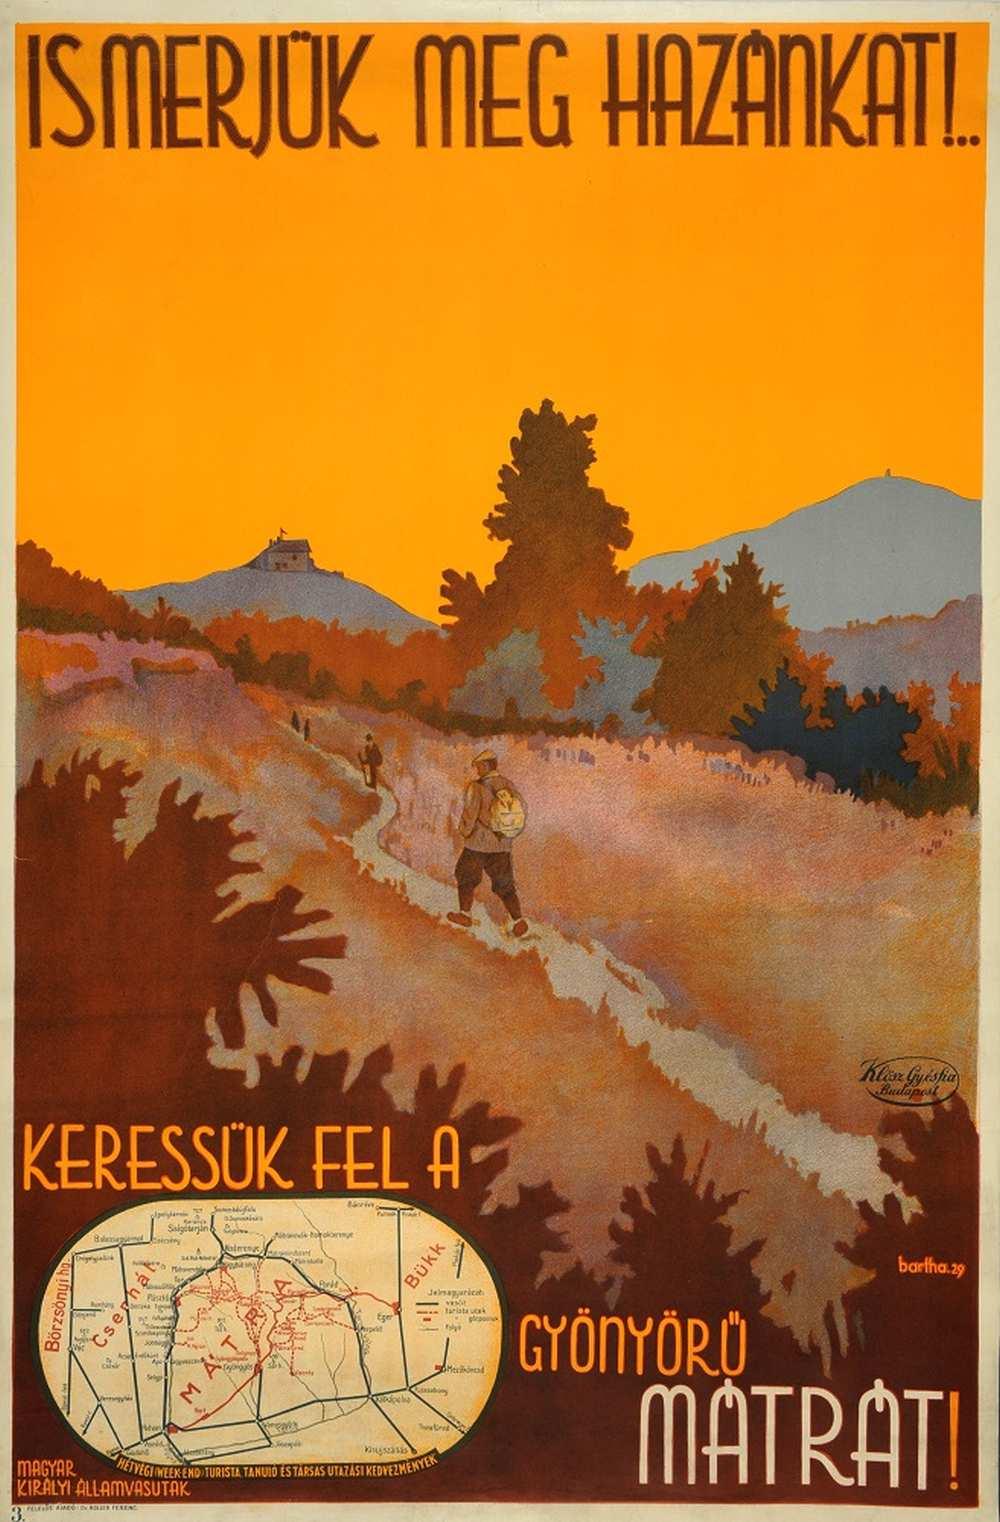 Bartha László: Ismerjük meg hazánkat! (1929). Jelzet: PKG.1929/204 – Térkép-, Plakát- és Kisnyomtatványtár http://nektar.oszk.hu/hu/manifestation/2789209